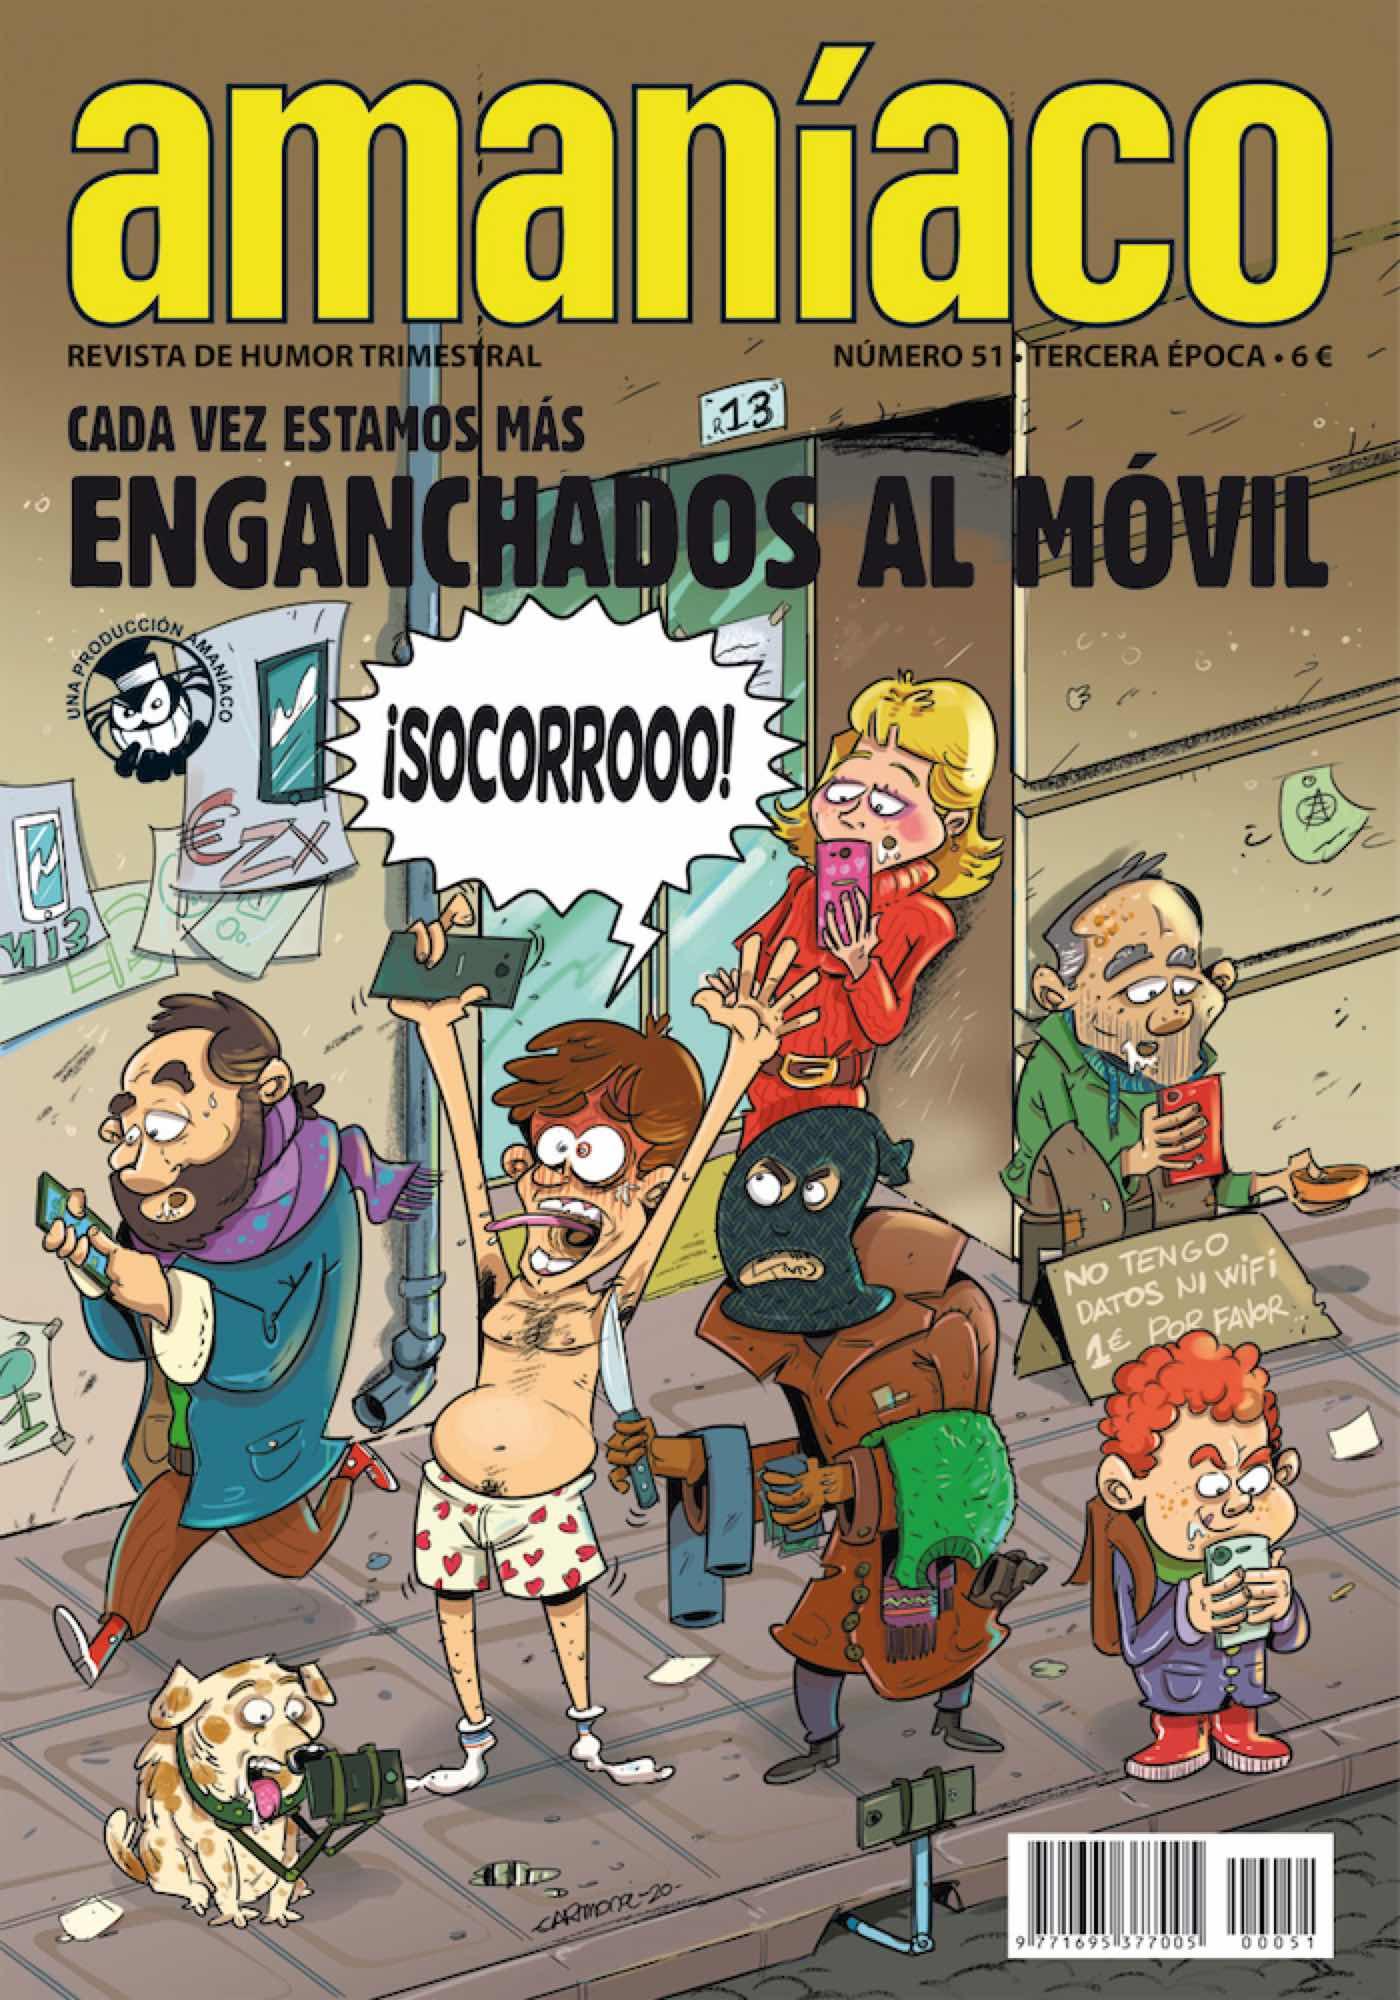 AMANIACO 51. ESPECIAL ENGANCHADOS AL MOVIL